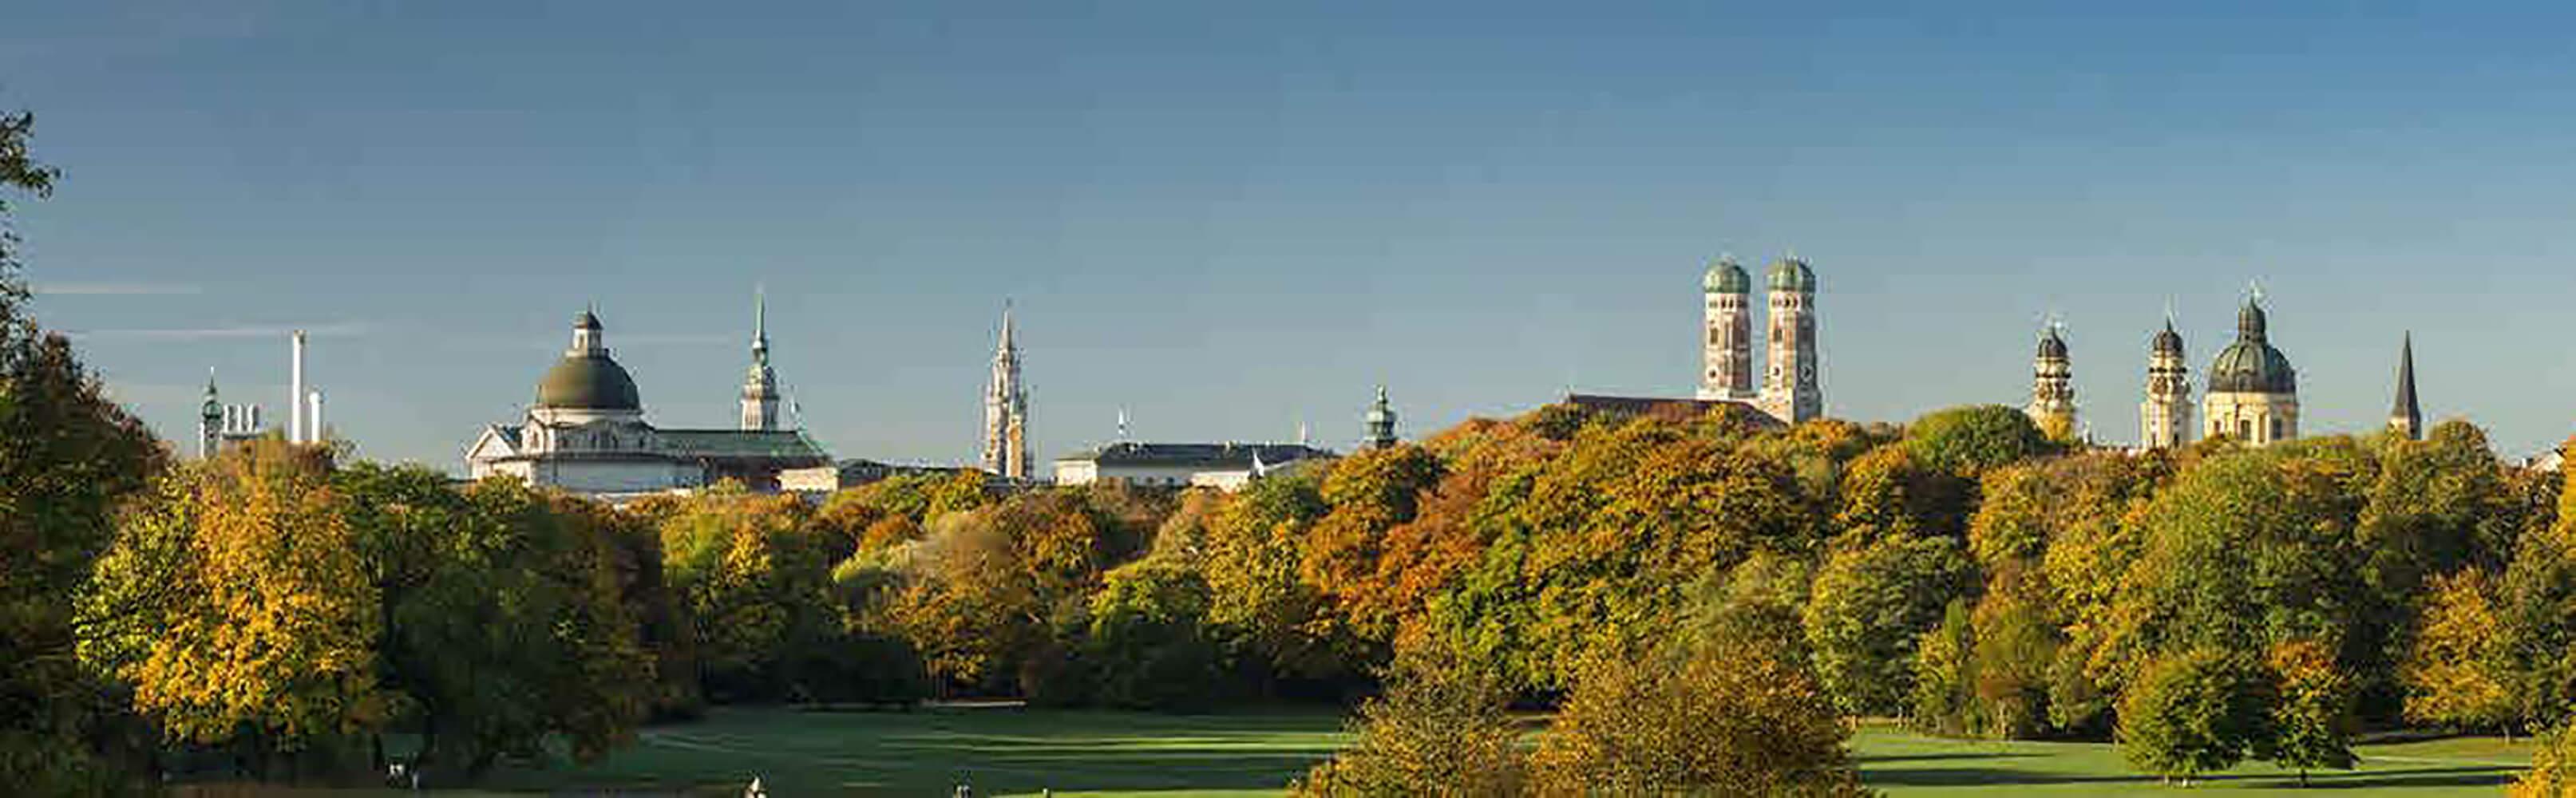 Englischer Garten – das grüne Herz Münchens 1